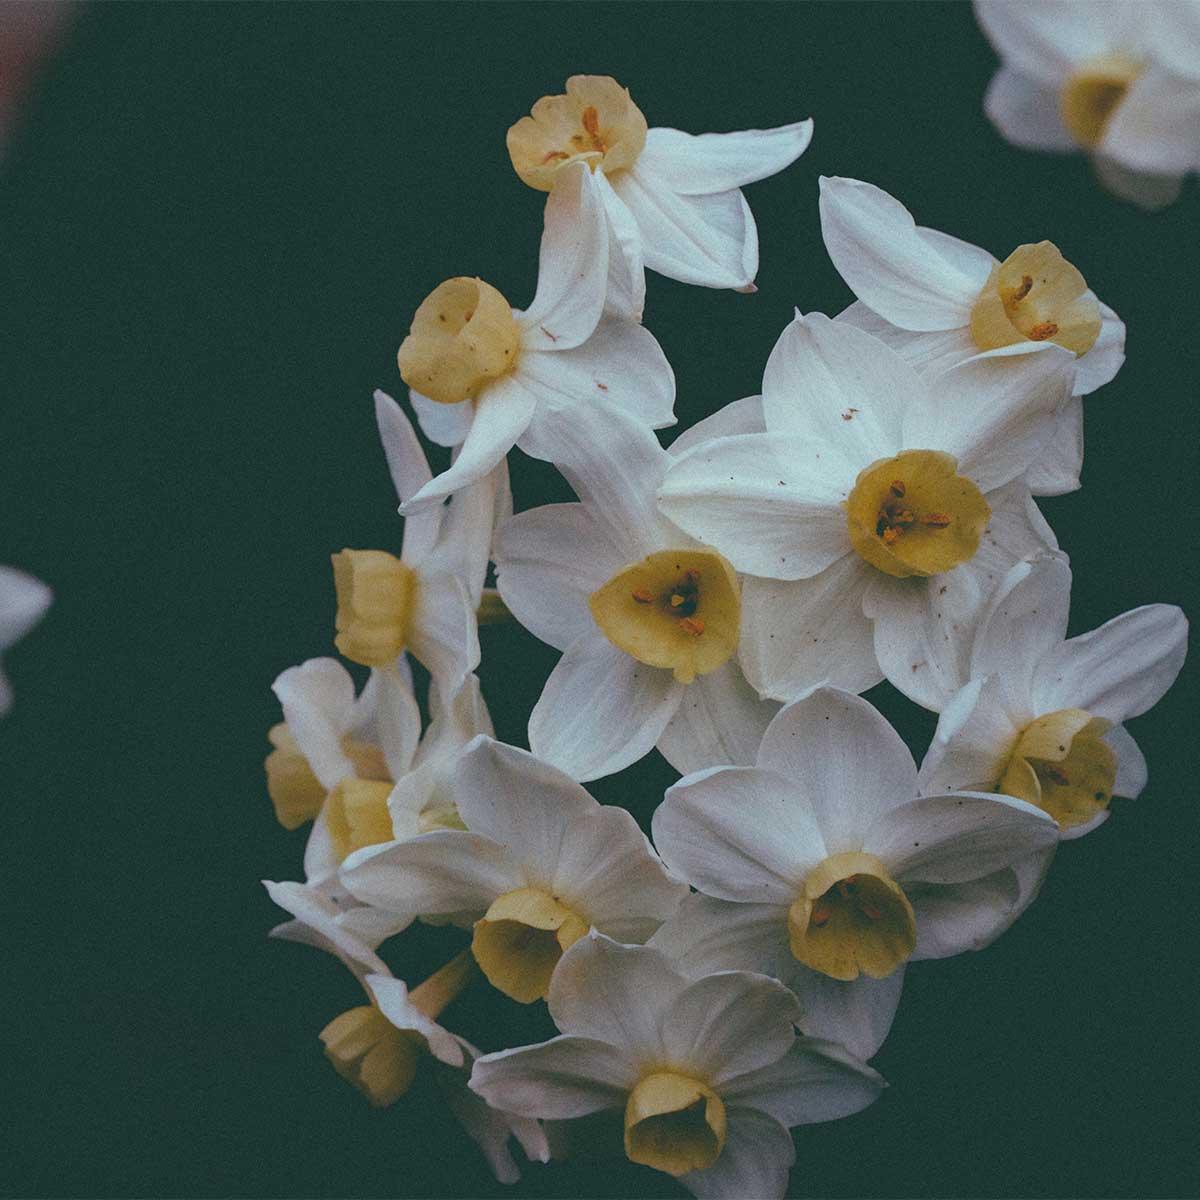 10 plantas ideales para sembrar en invierno